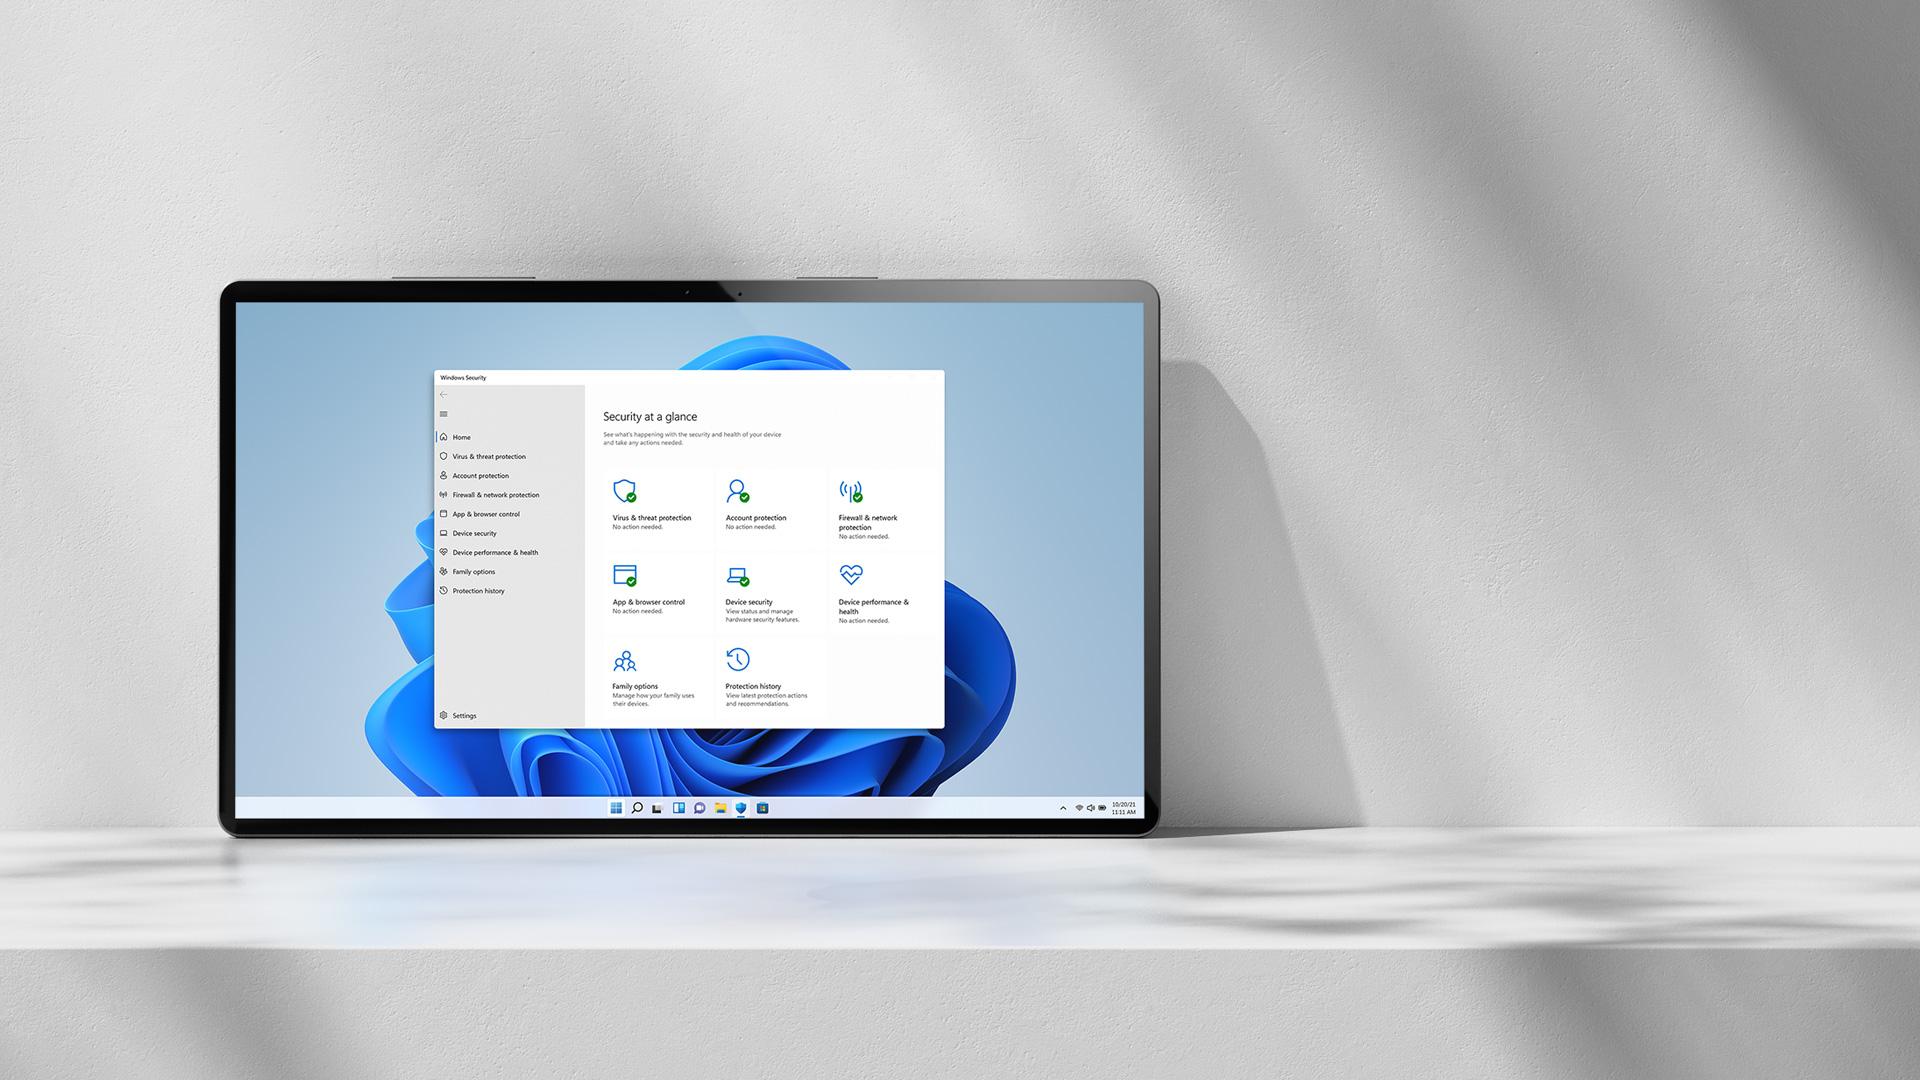 安全性概覽視窗與背景的 Windows 11 花朵